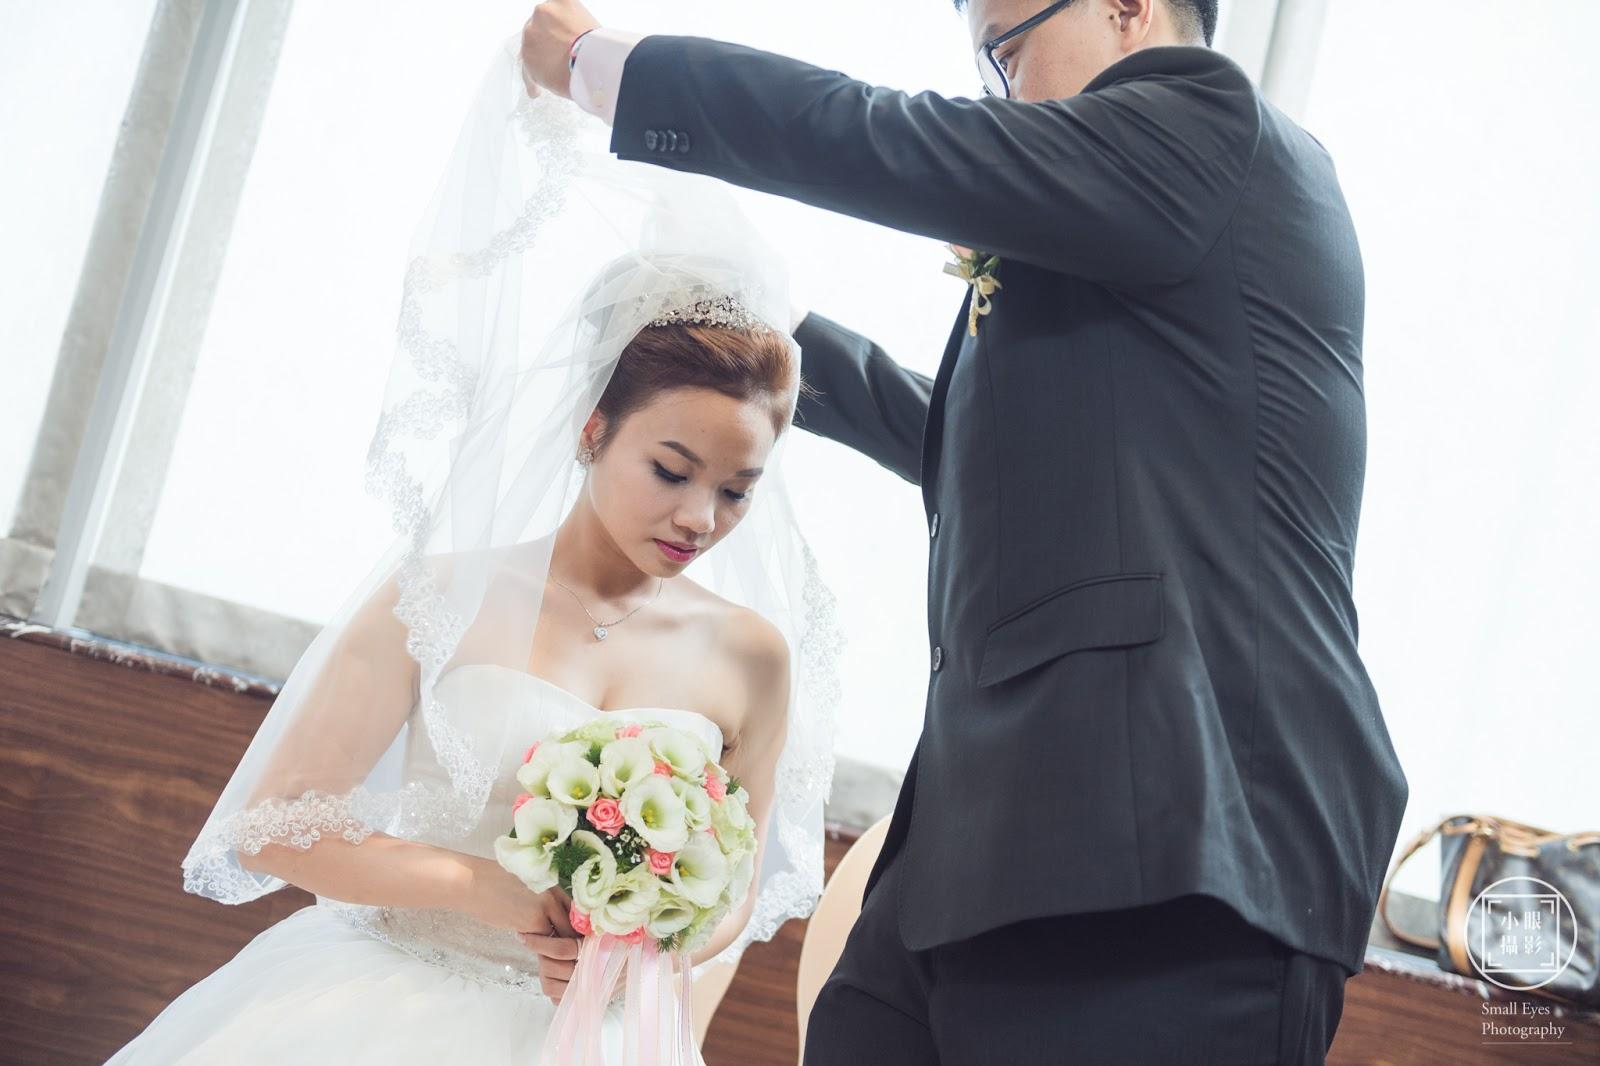 婚攝,小眼攝影,婚禮紀實,婚禮紀錄,婚紗,國內婚紗,海外婚紗,寫真,婚攝小眼,華漾中崙大飯